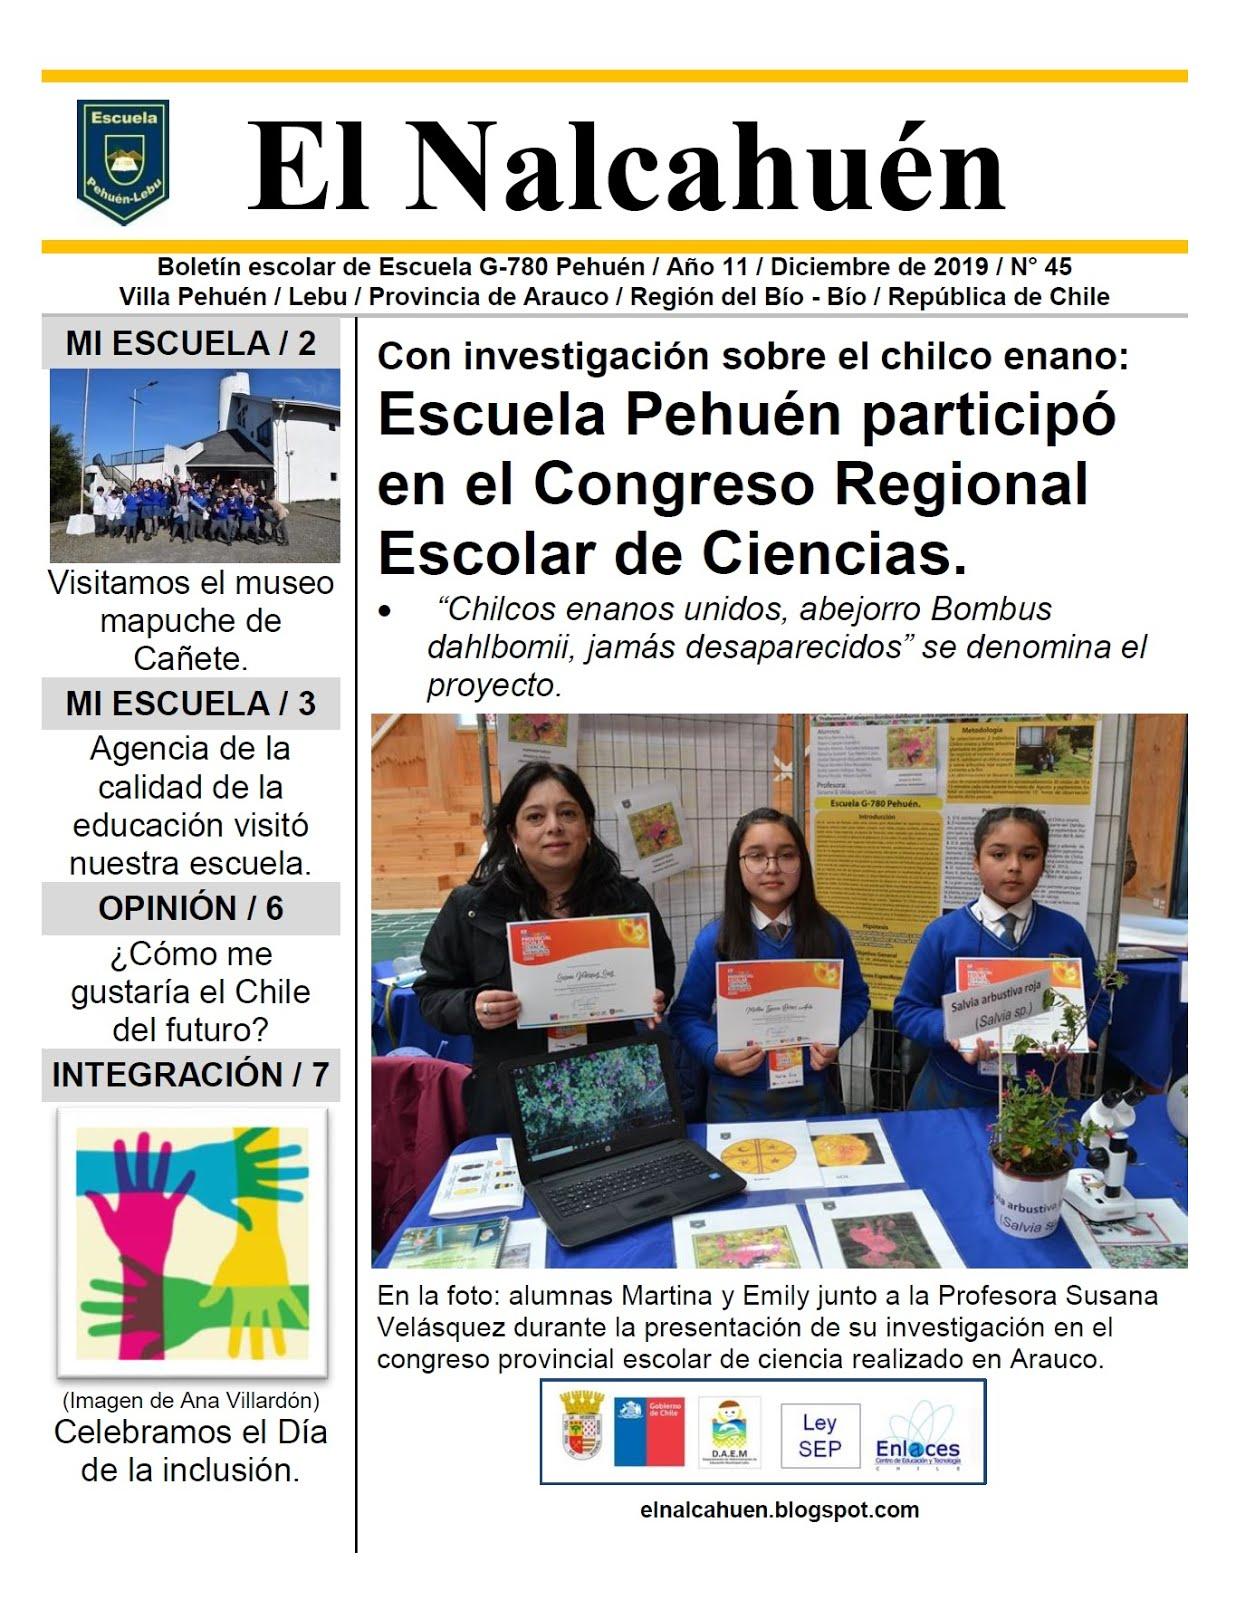 El Nalcahuén IMPRESO N° 45 (Diciembre de 2019)